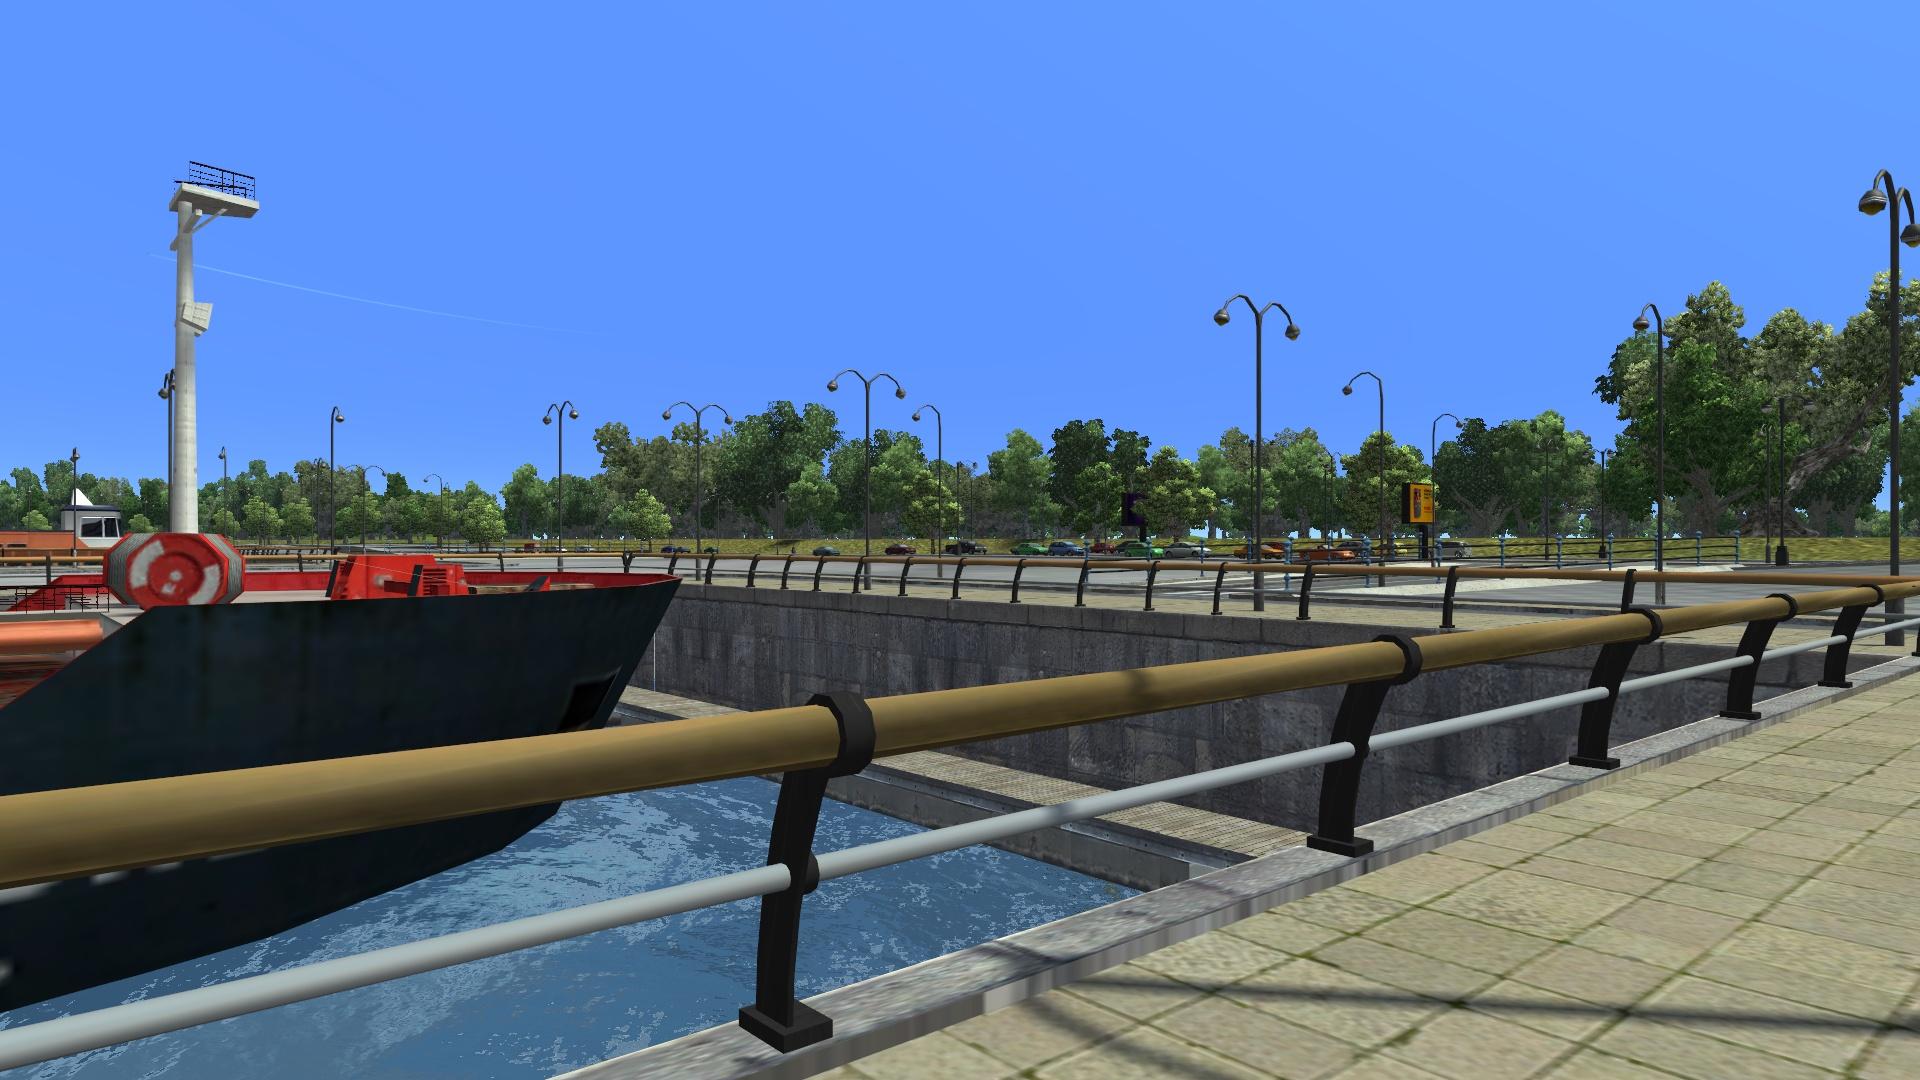 cxl_screenshot_harbour town_3.jpg